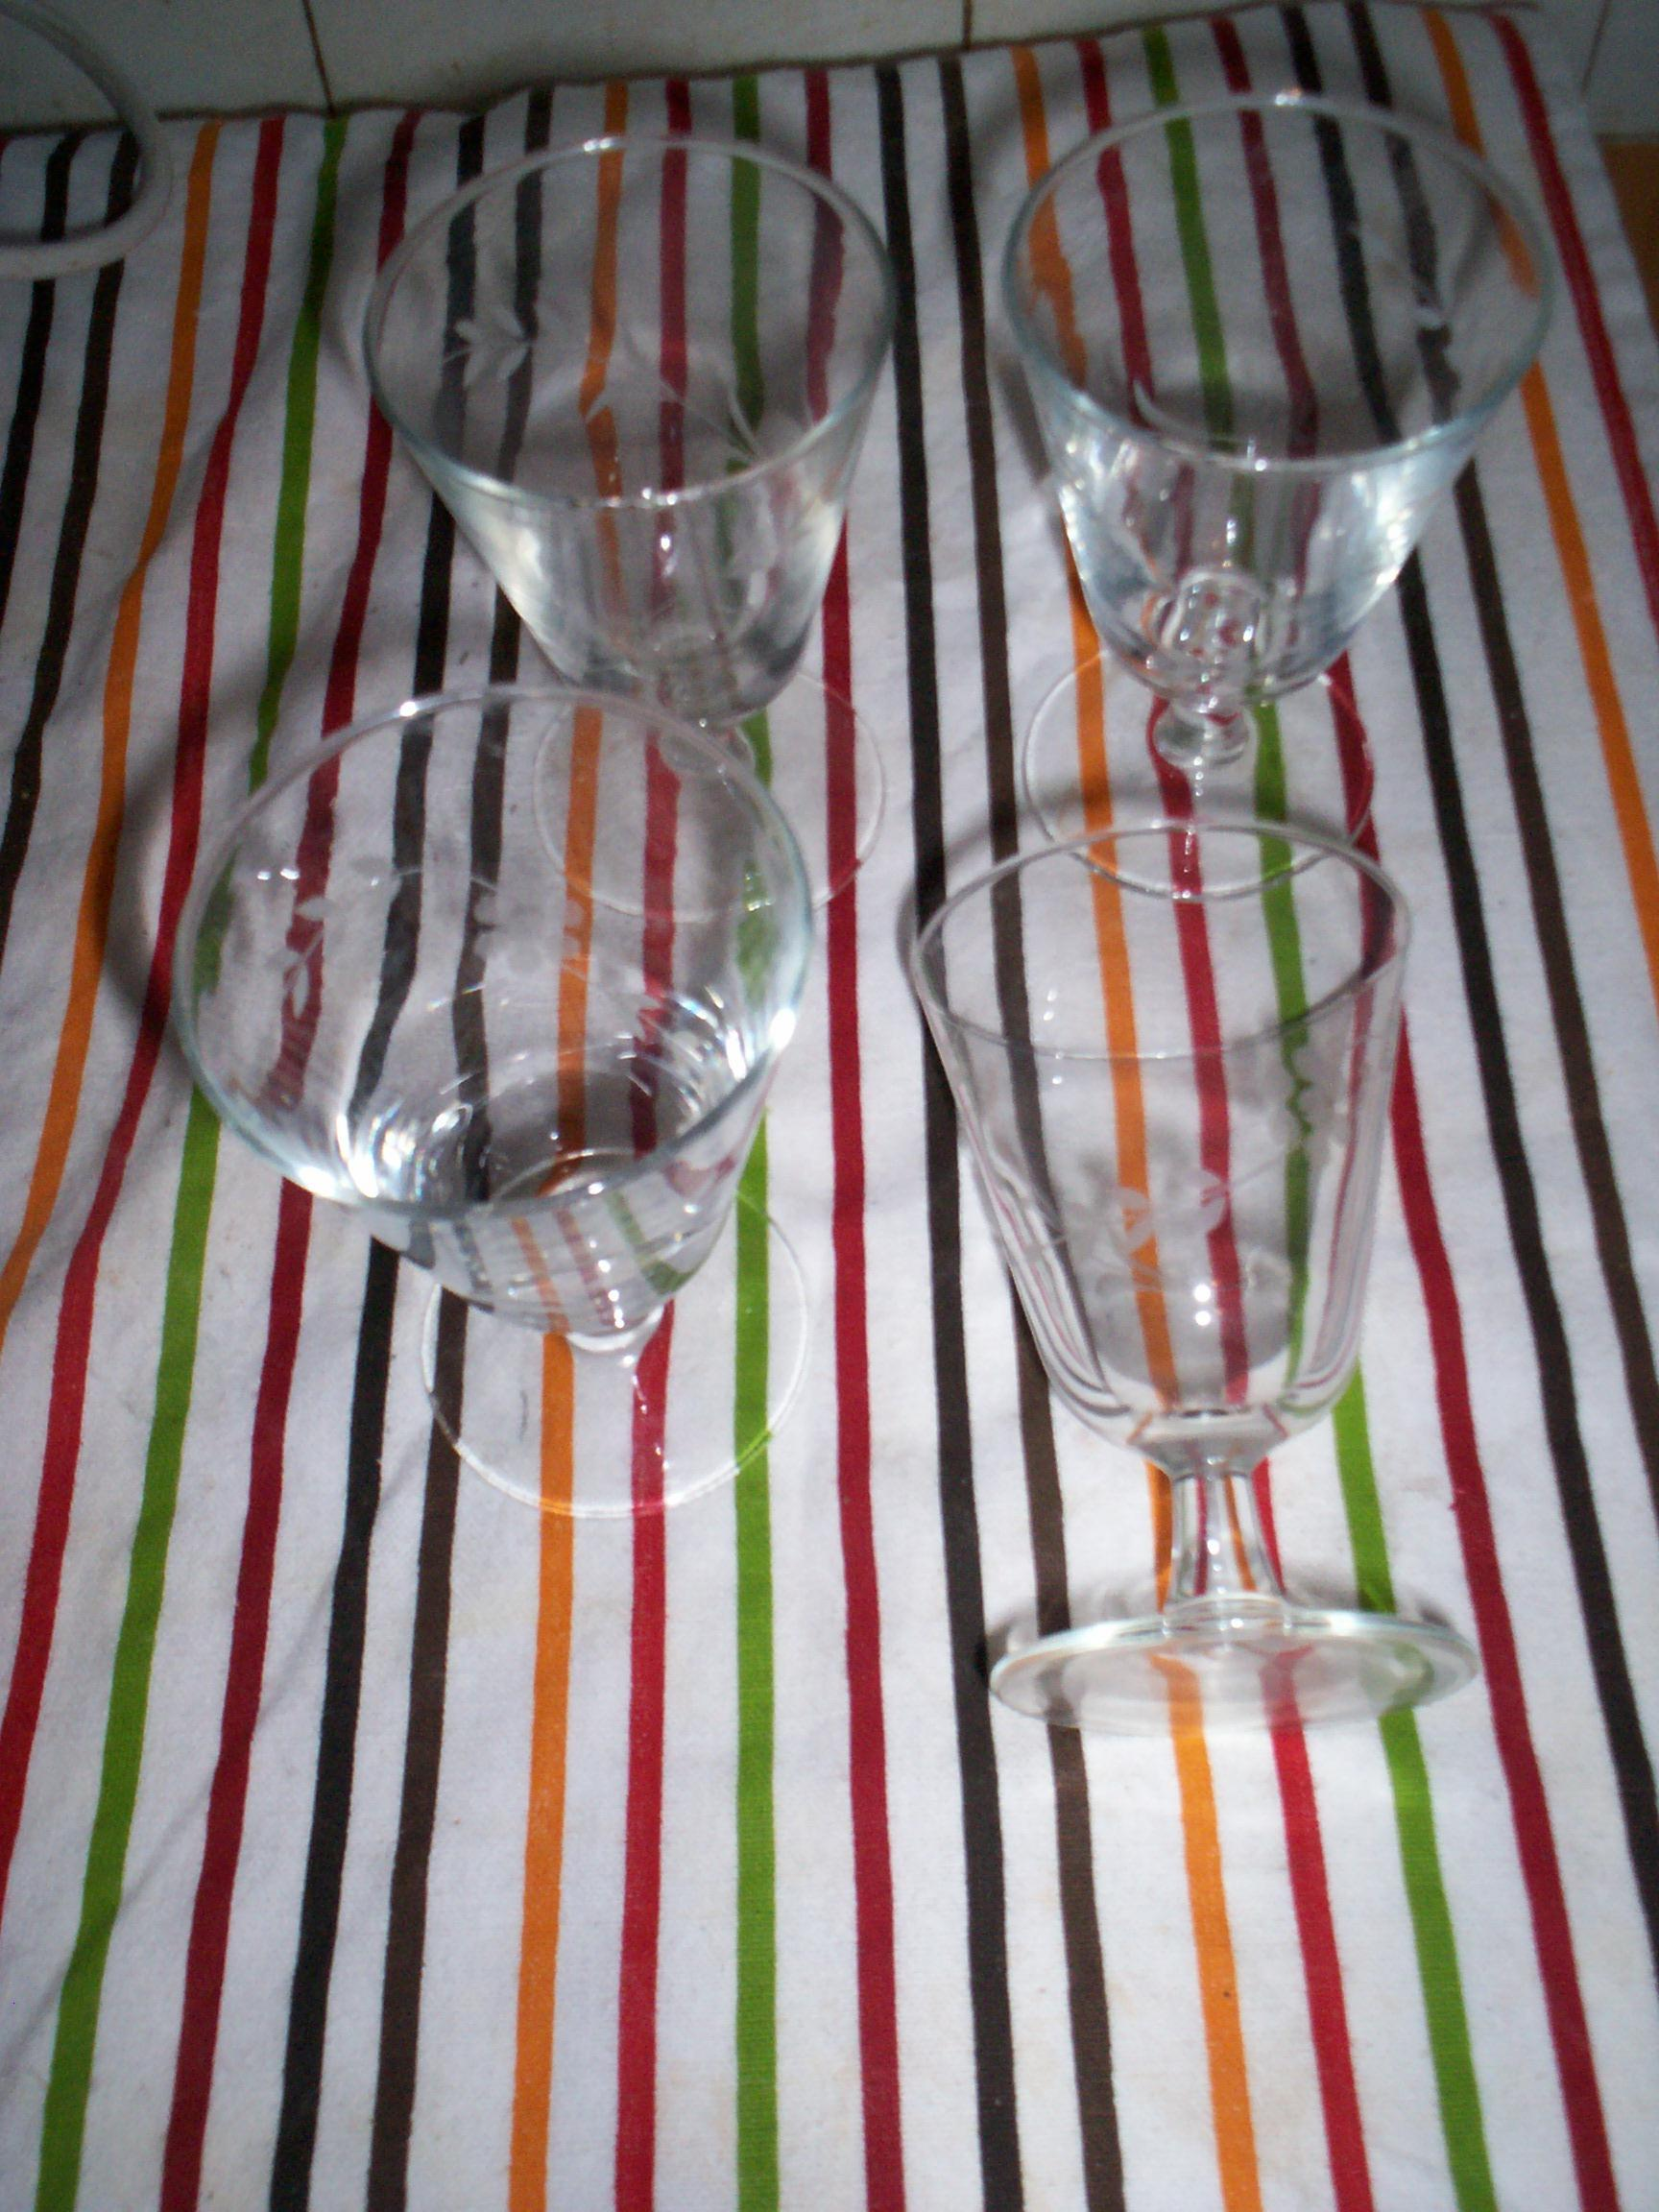 troc de troc lot de 4 verres à vins dessin gravé image 1